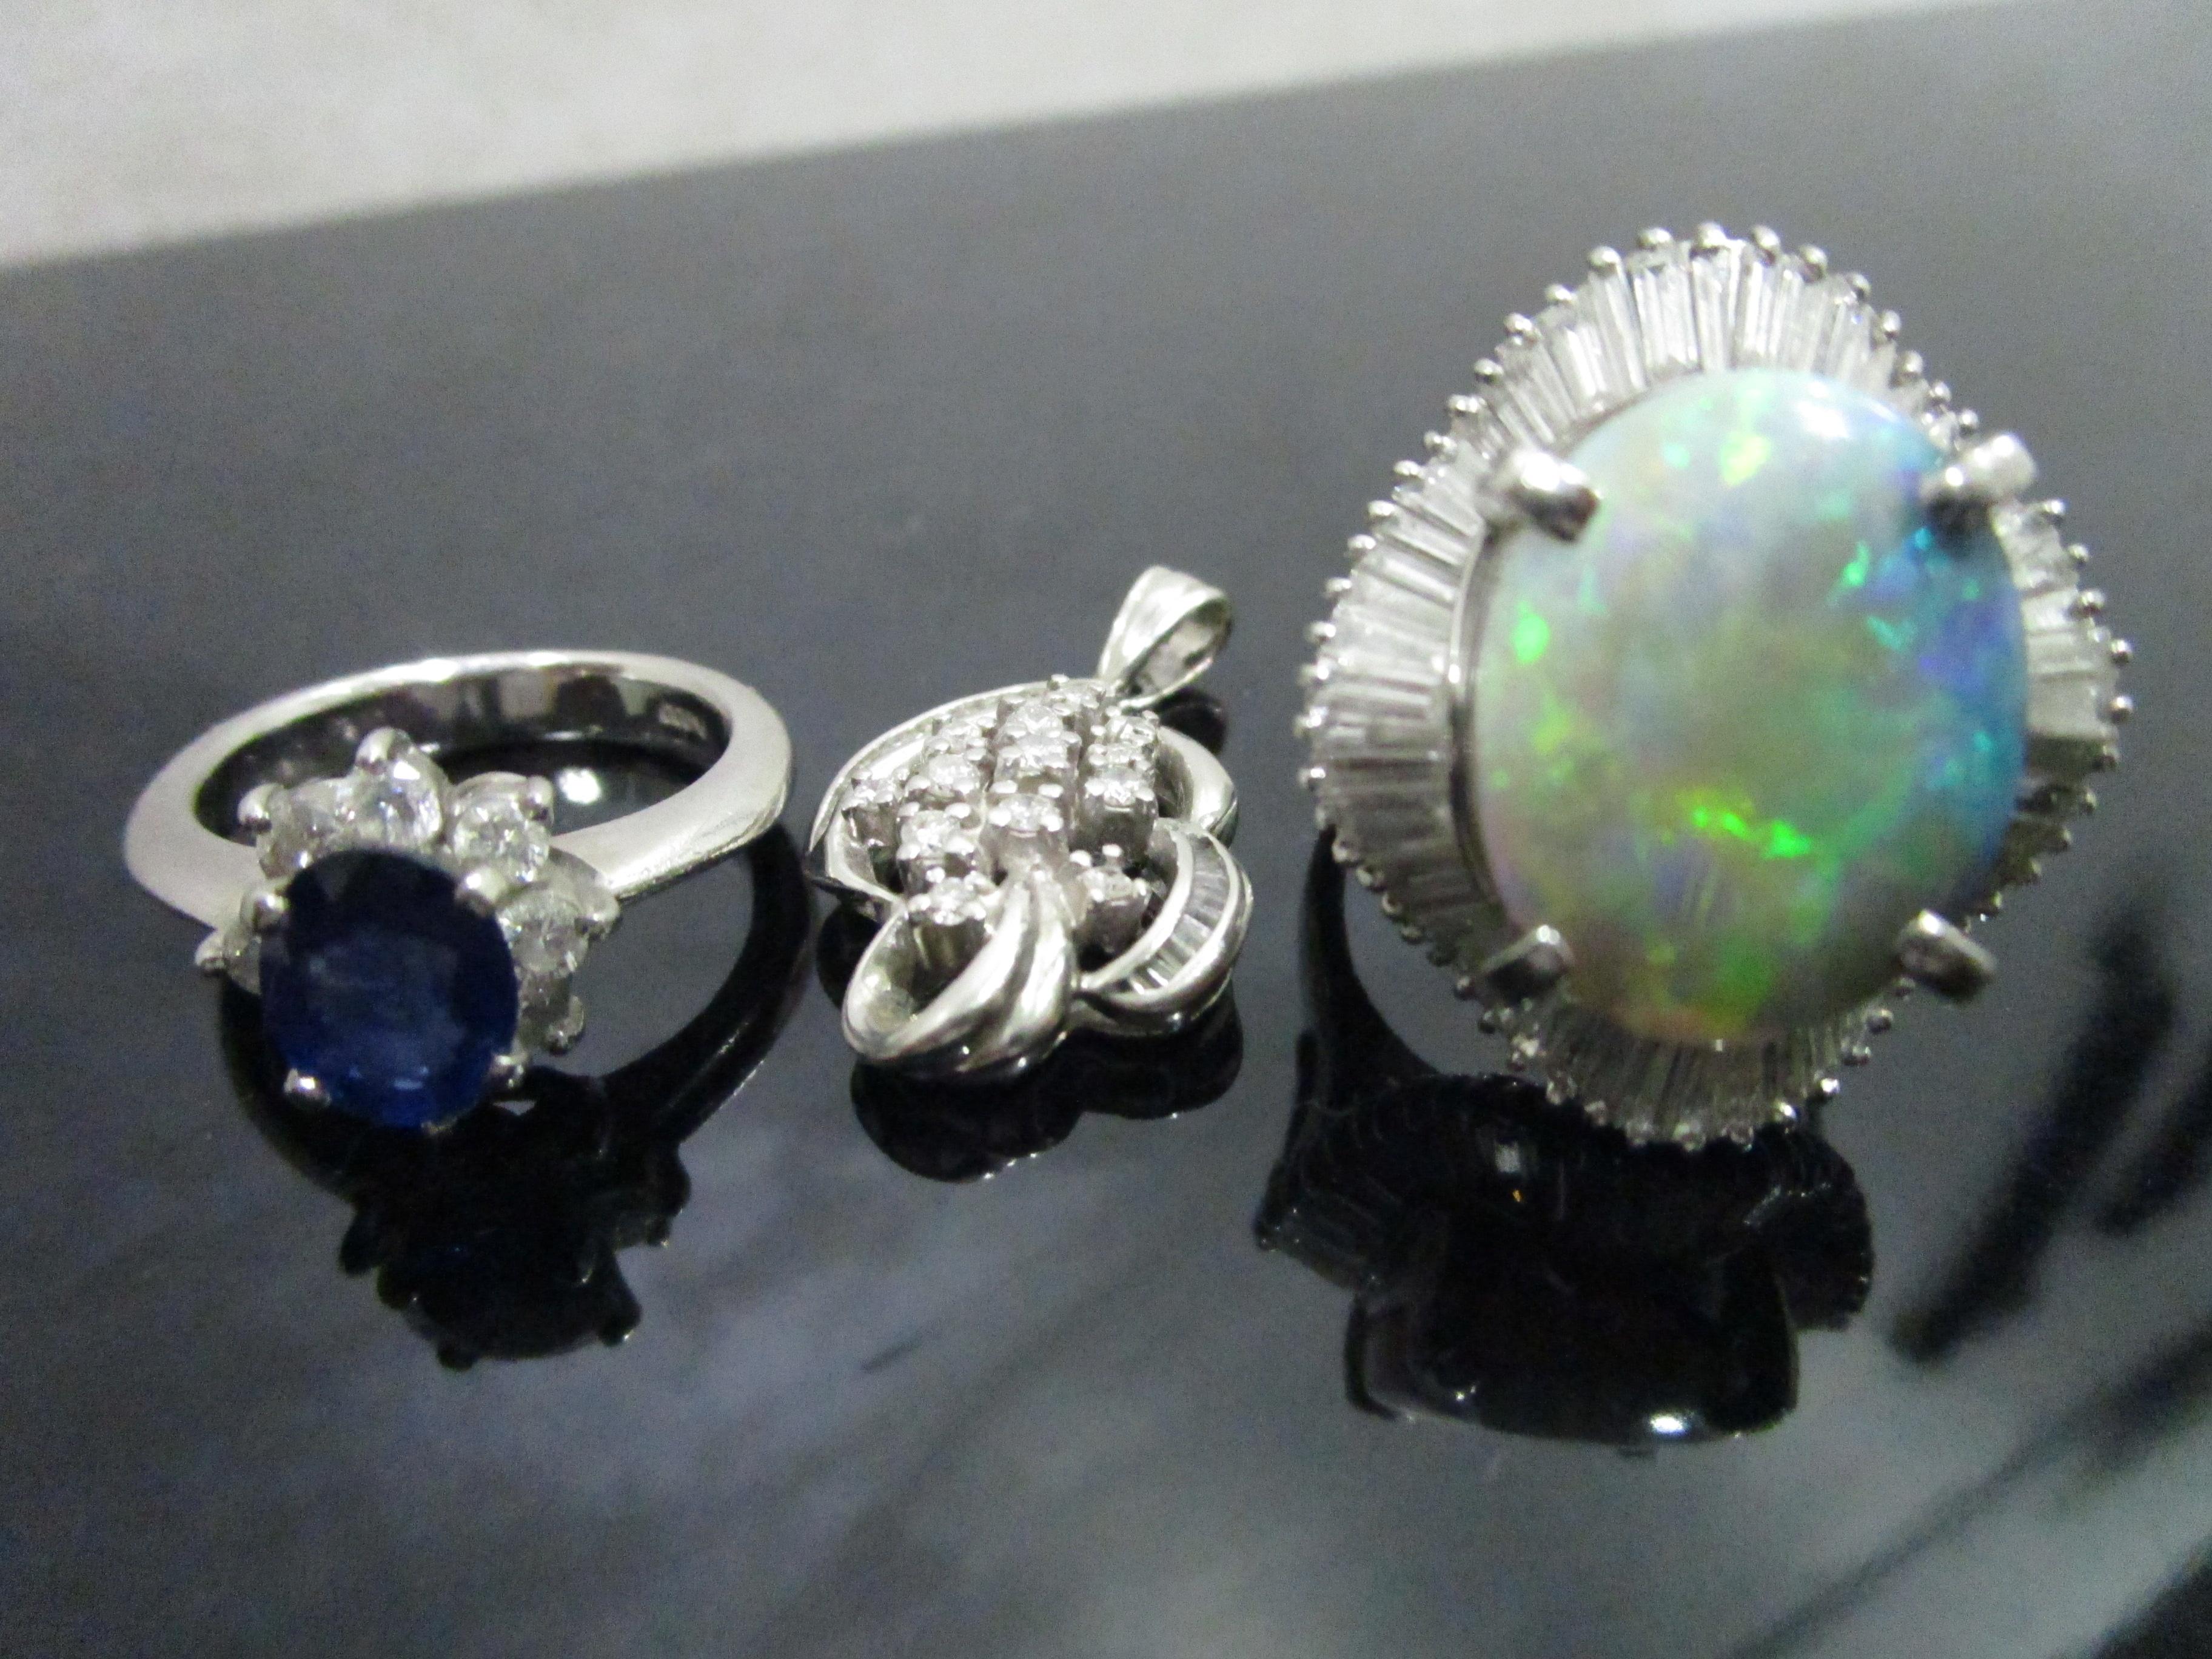 サファイヤ オパール ダイヤ 貴金属 指輪 プラチナ-1 (1)